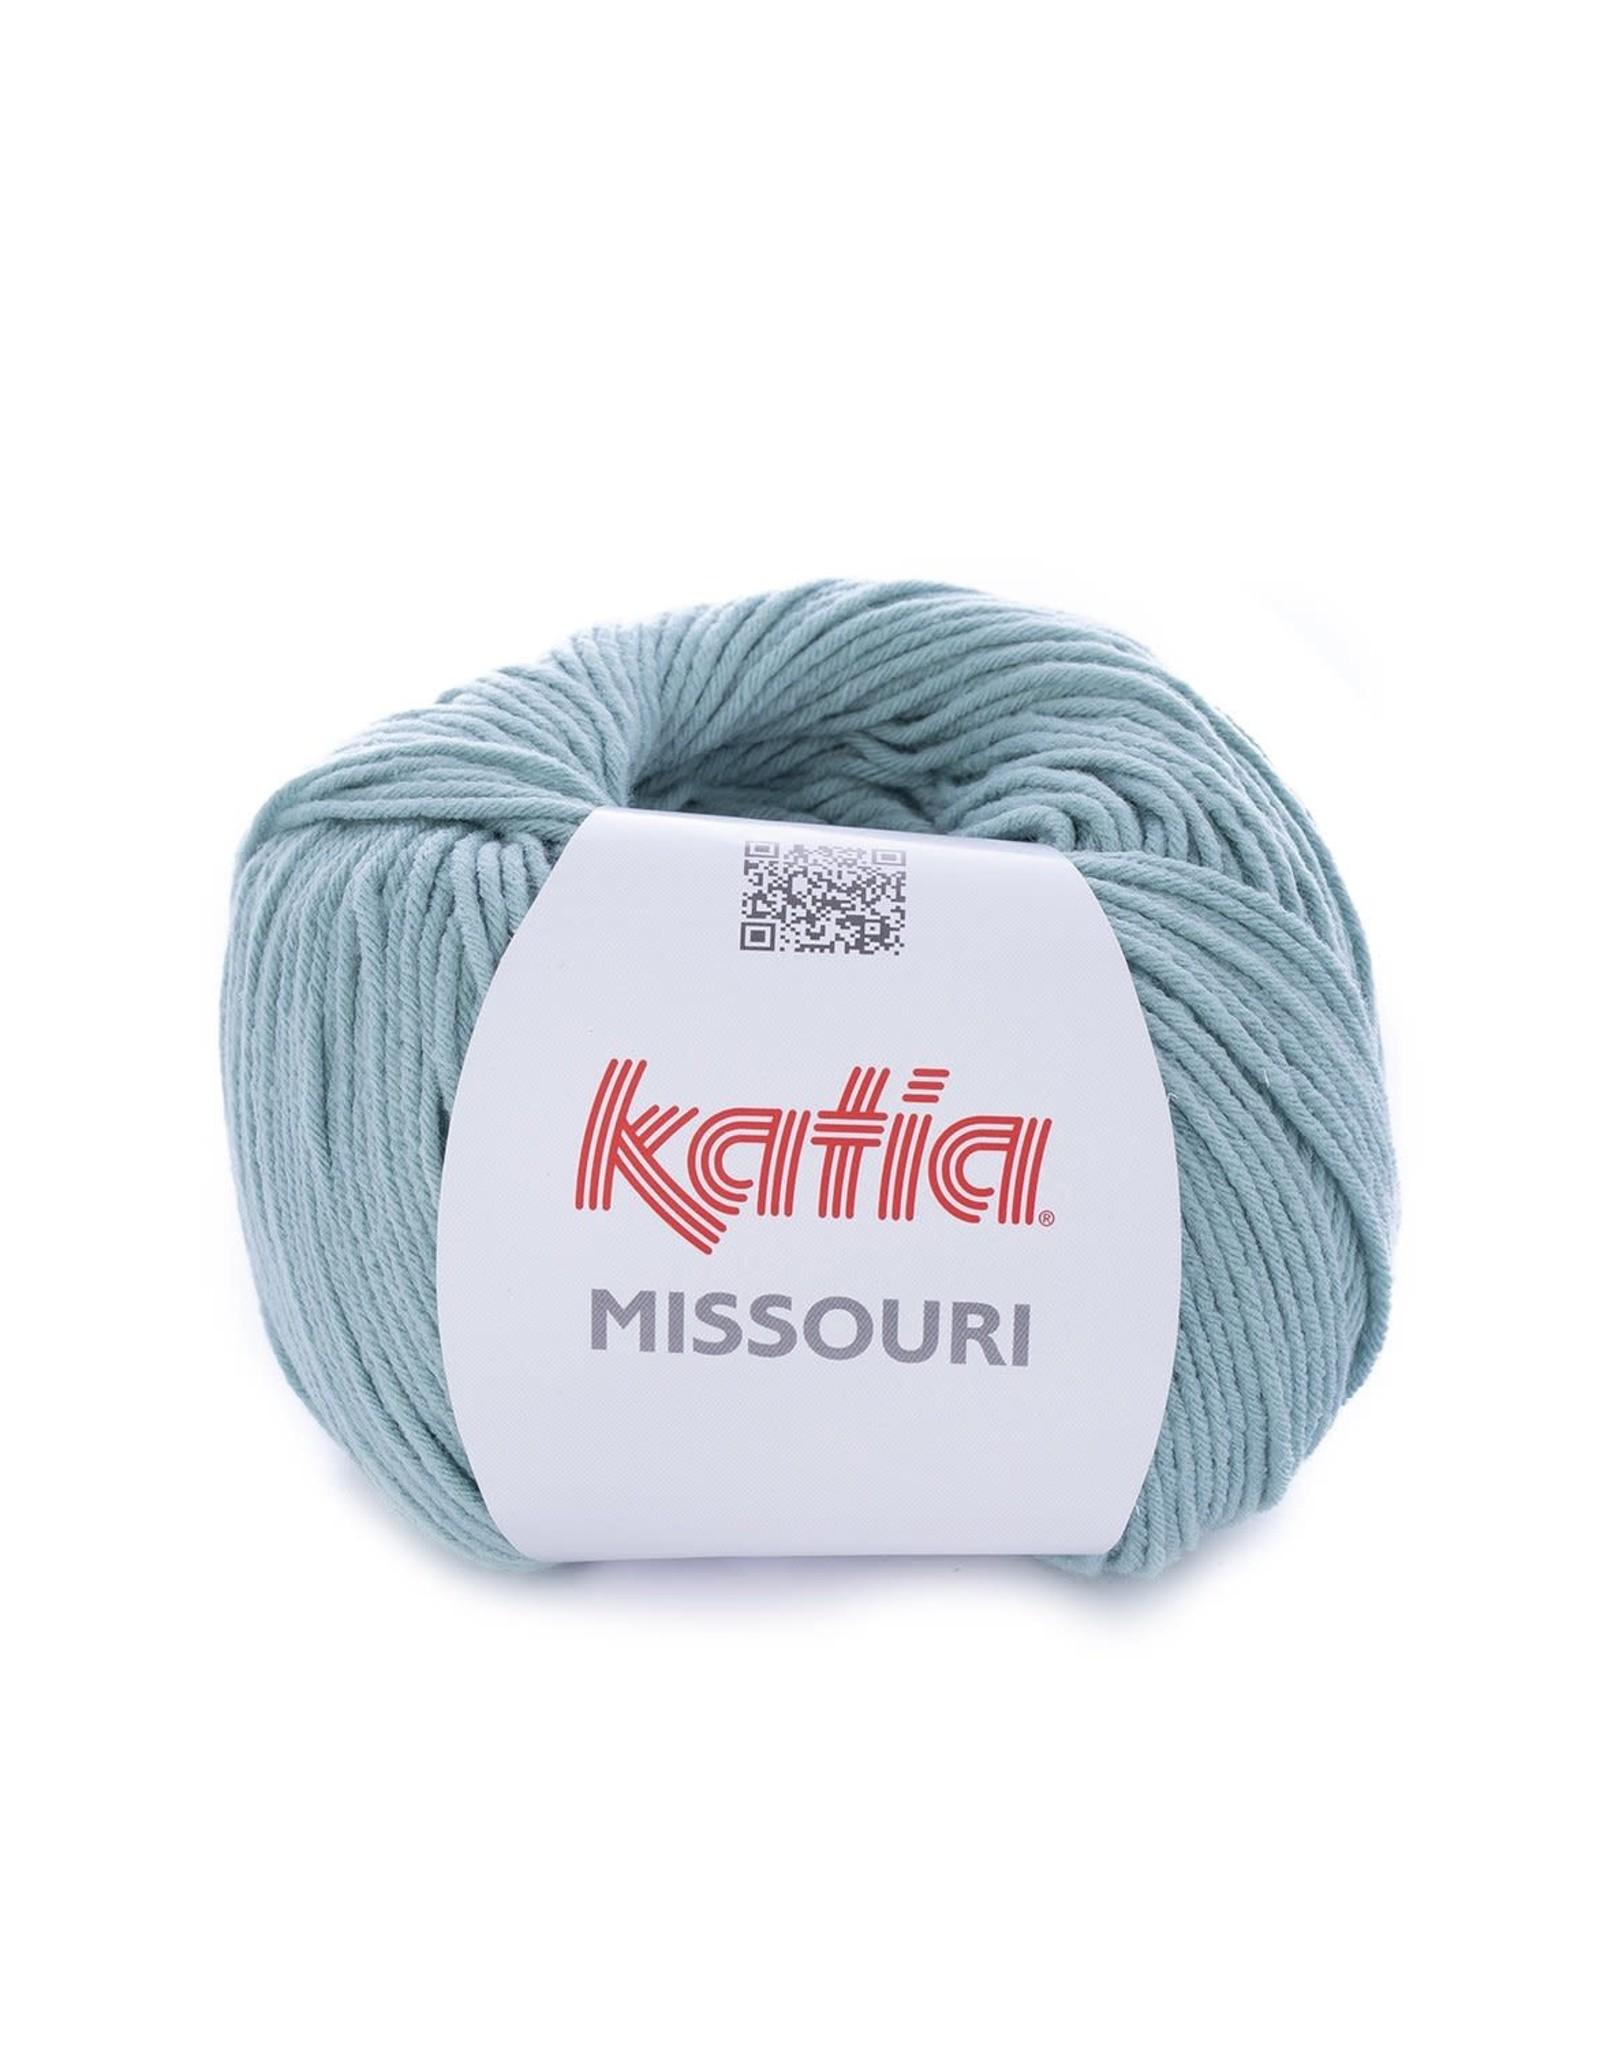 Katia Katia Missouri 45 - Witgroen